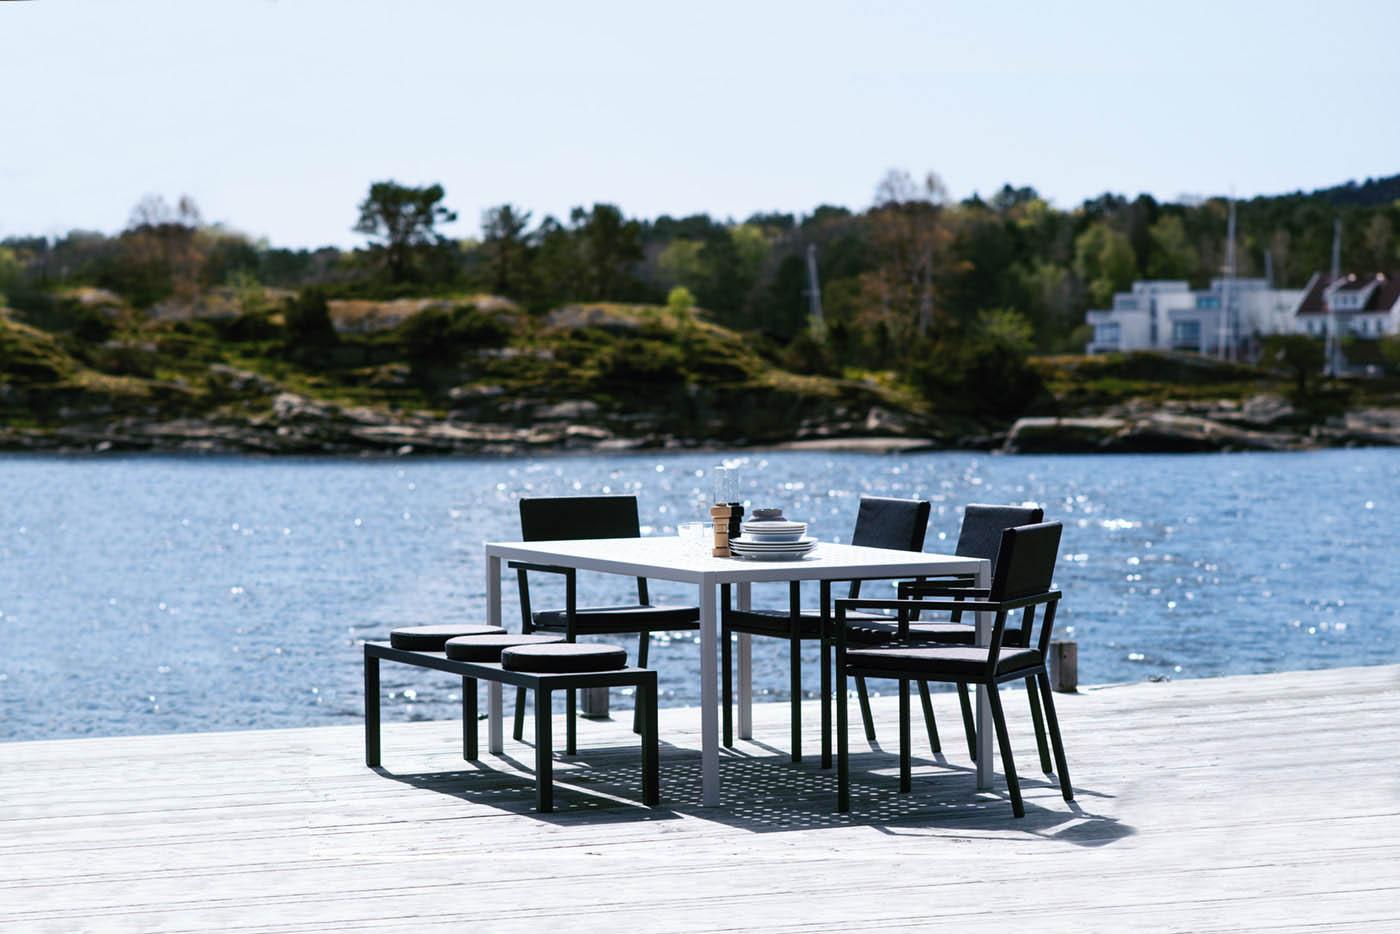 Sundays Design hagemøbler i strålende solskinn med en glitrende sjø i bakgrunnen